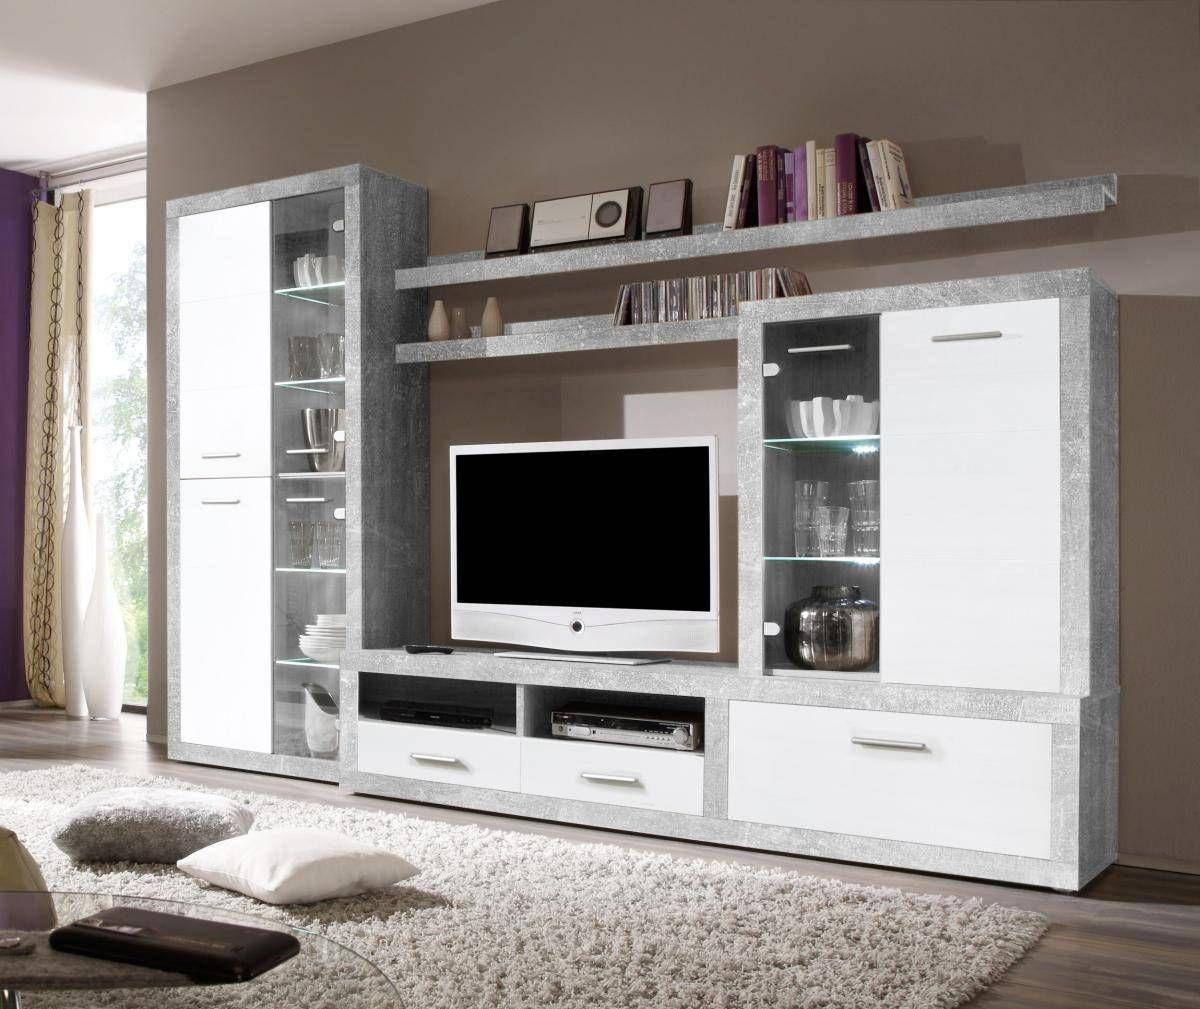 Wohnwand CanCan Beton Optik/weiß ▷ online bei POCO kaufen